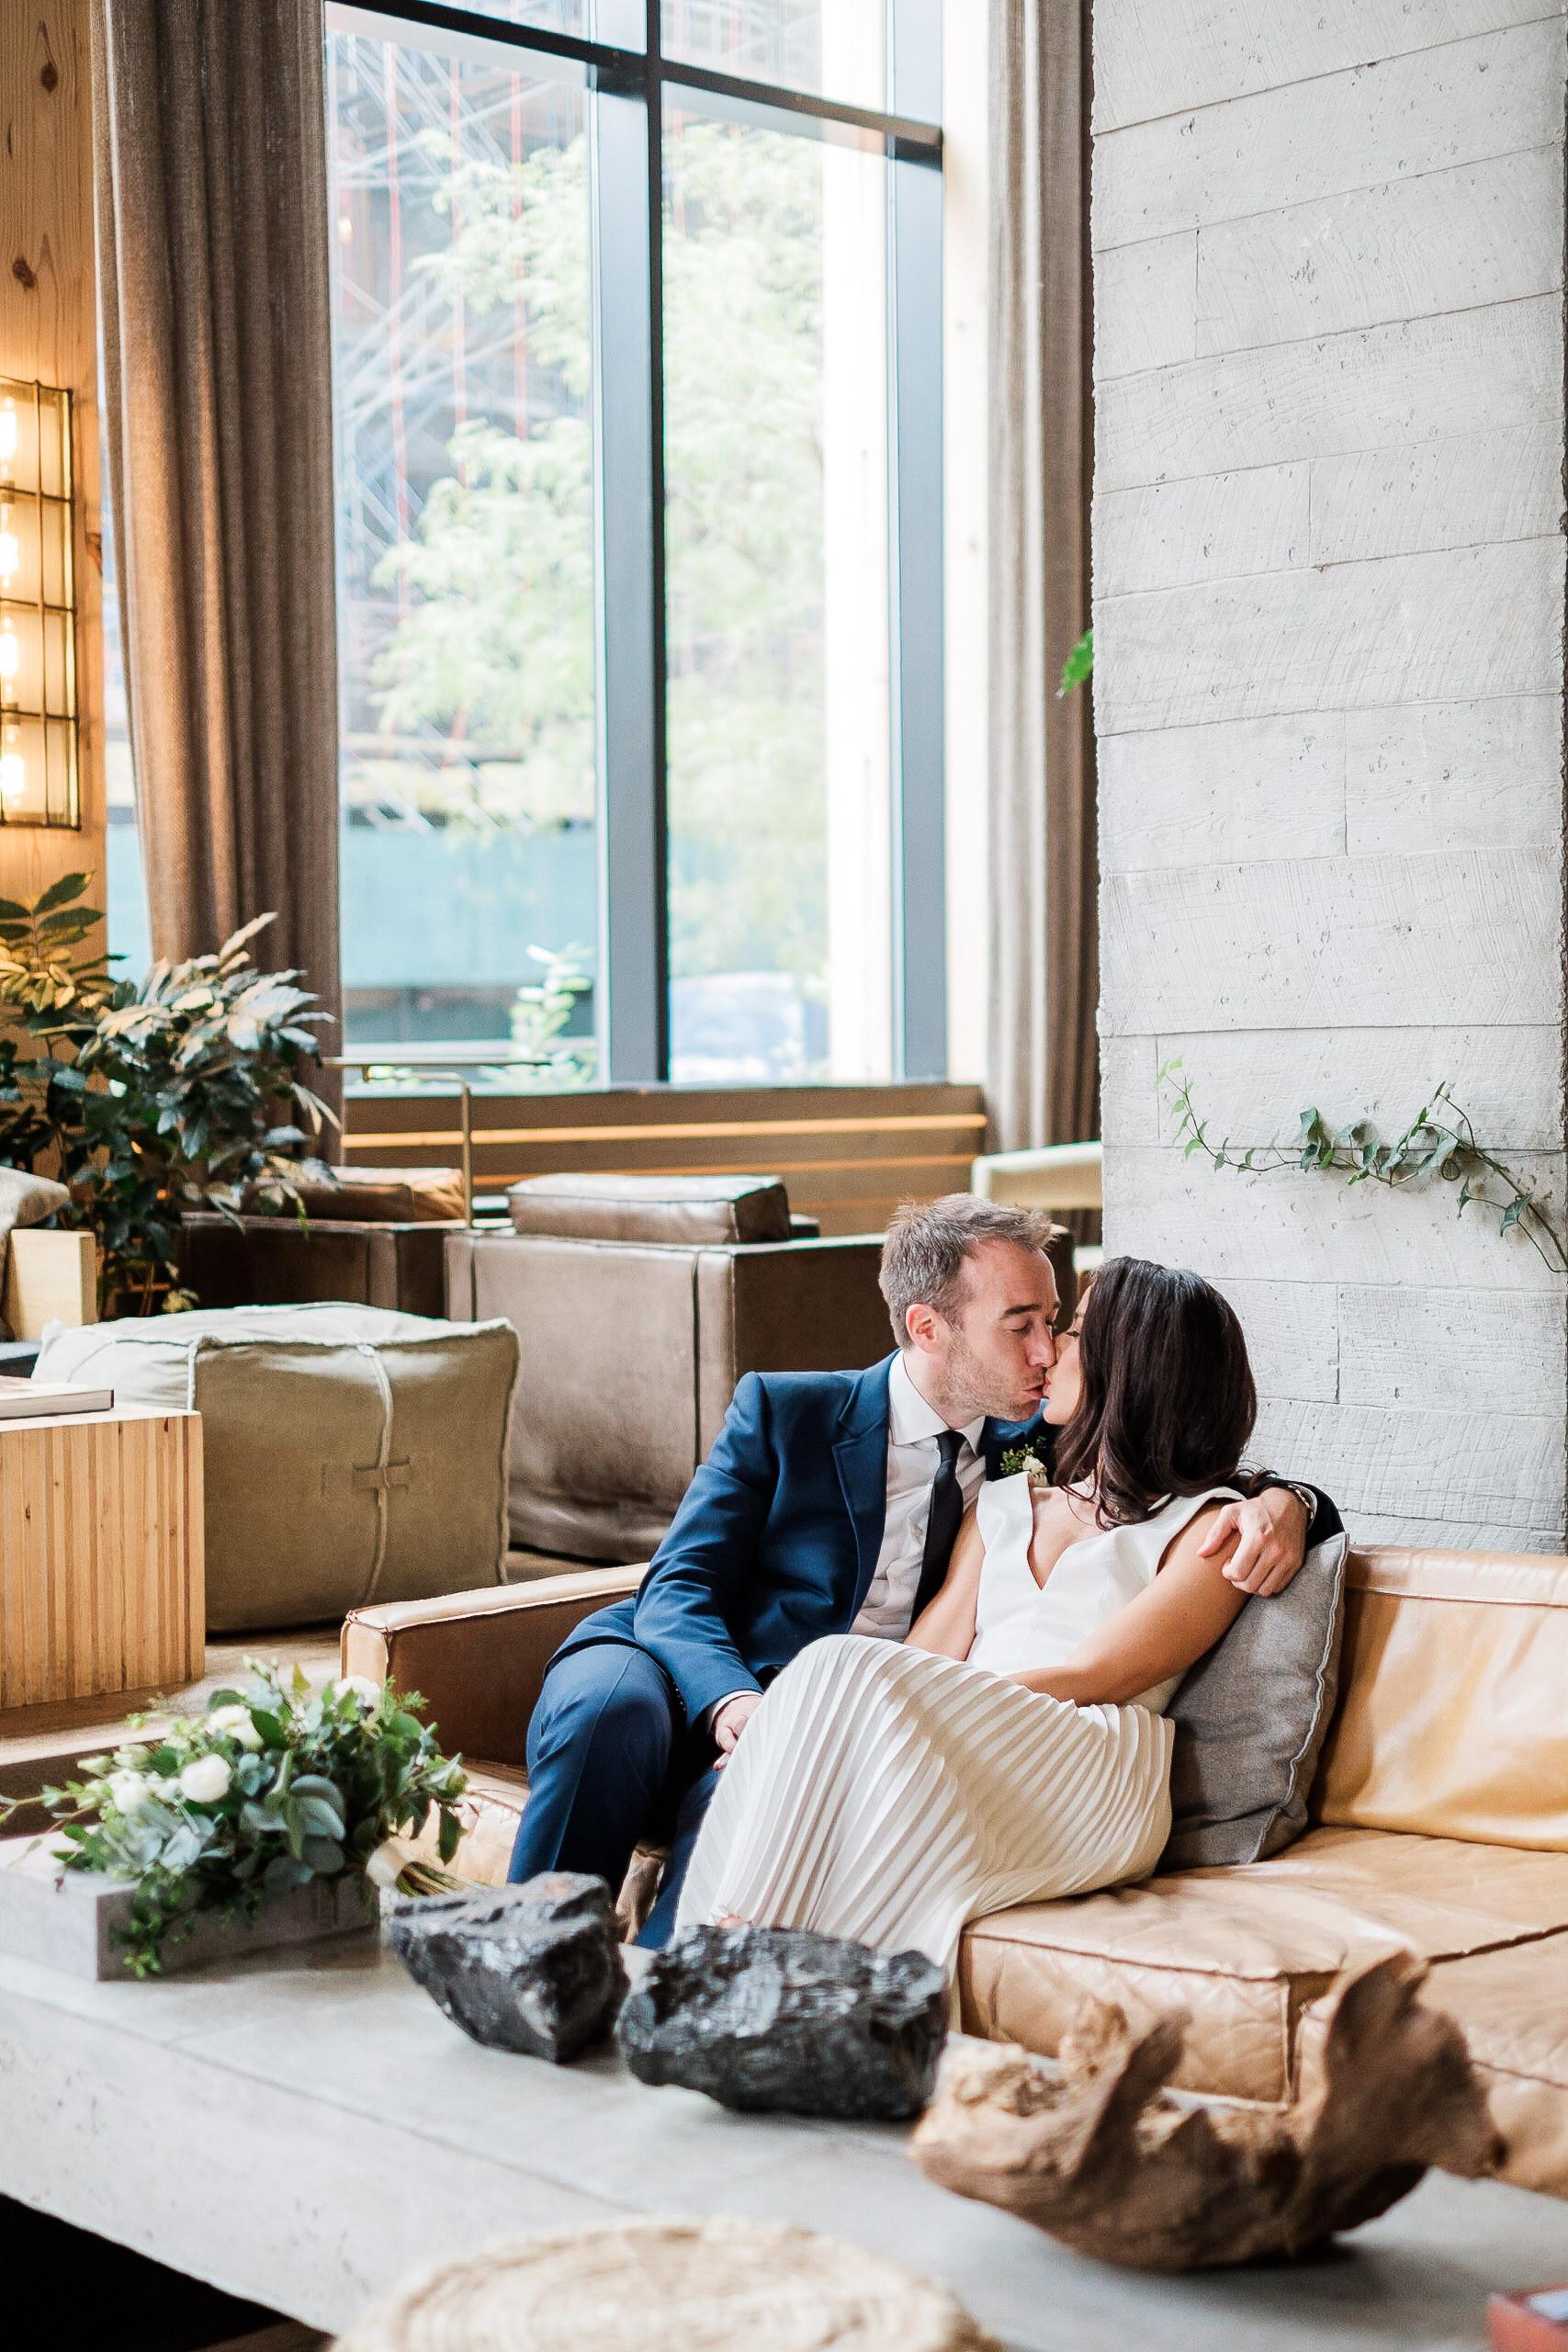 JOEY + SAM  1 Hotel and Frankie's 457 Wedding